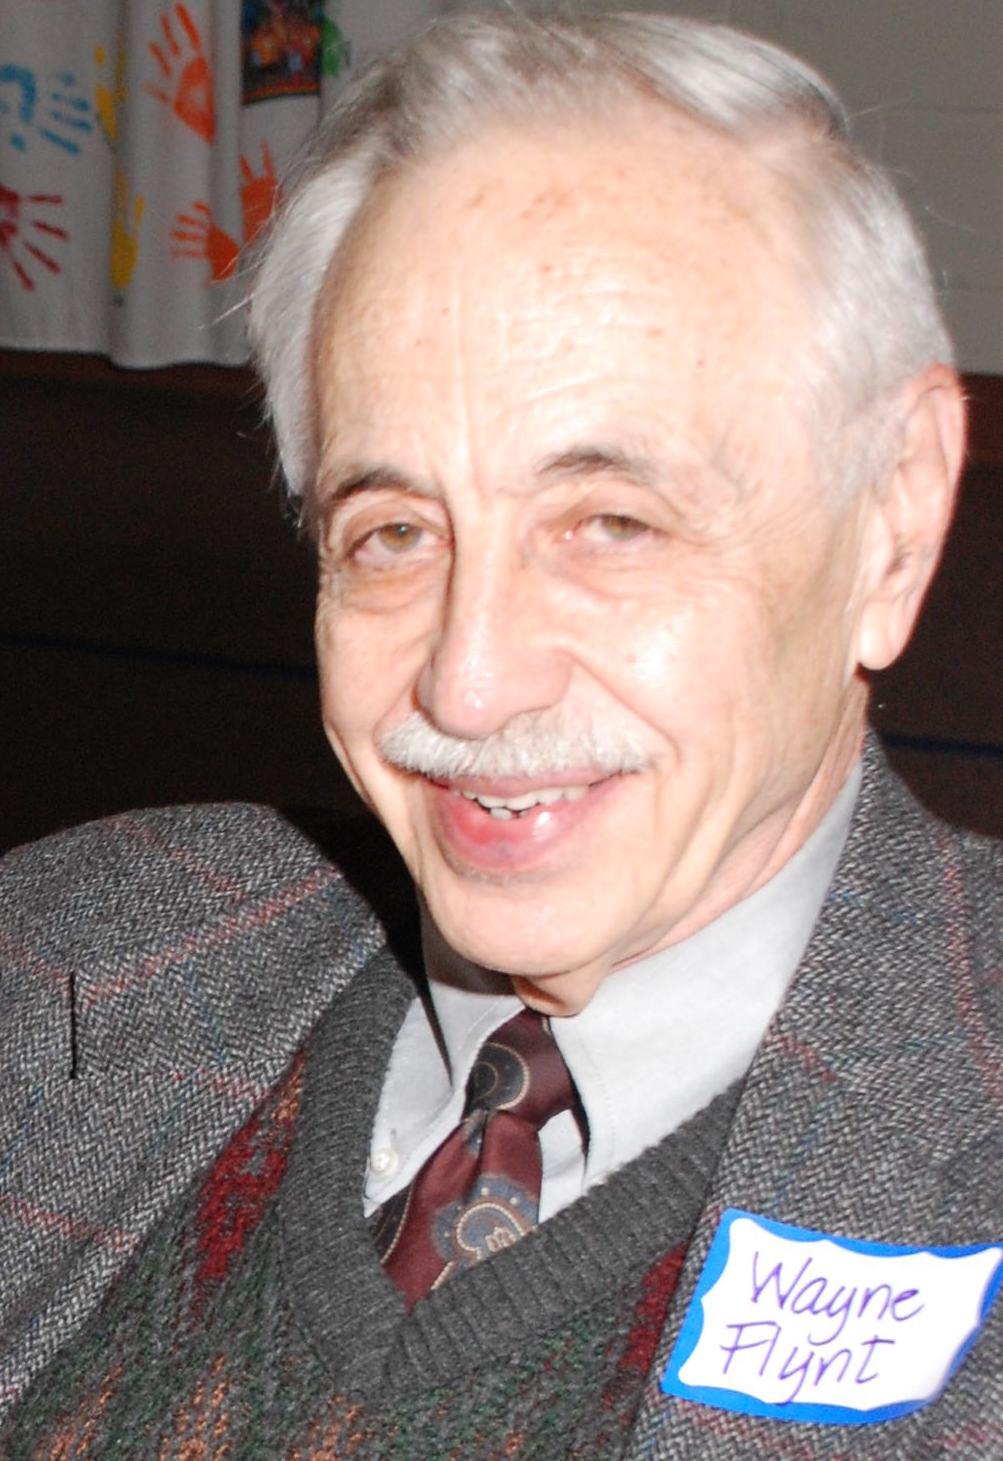 Flynt in February 2010